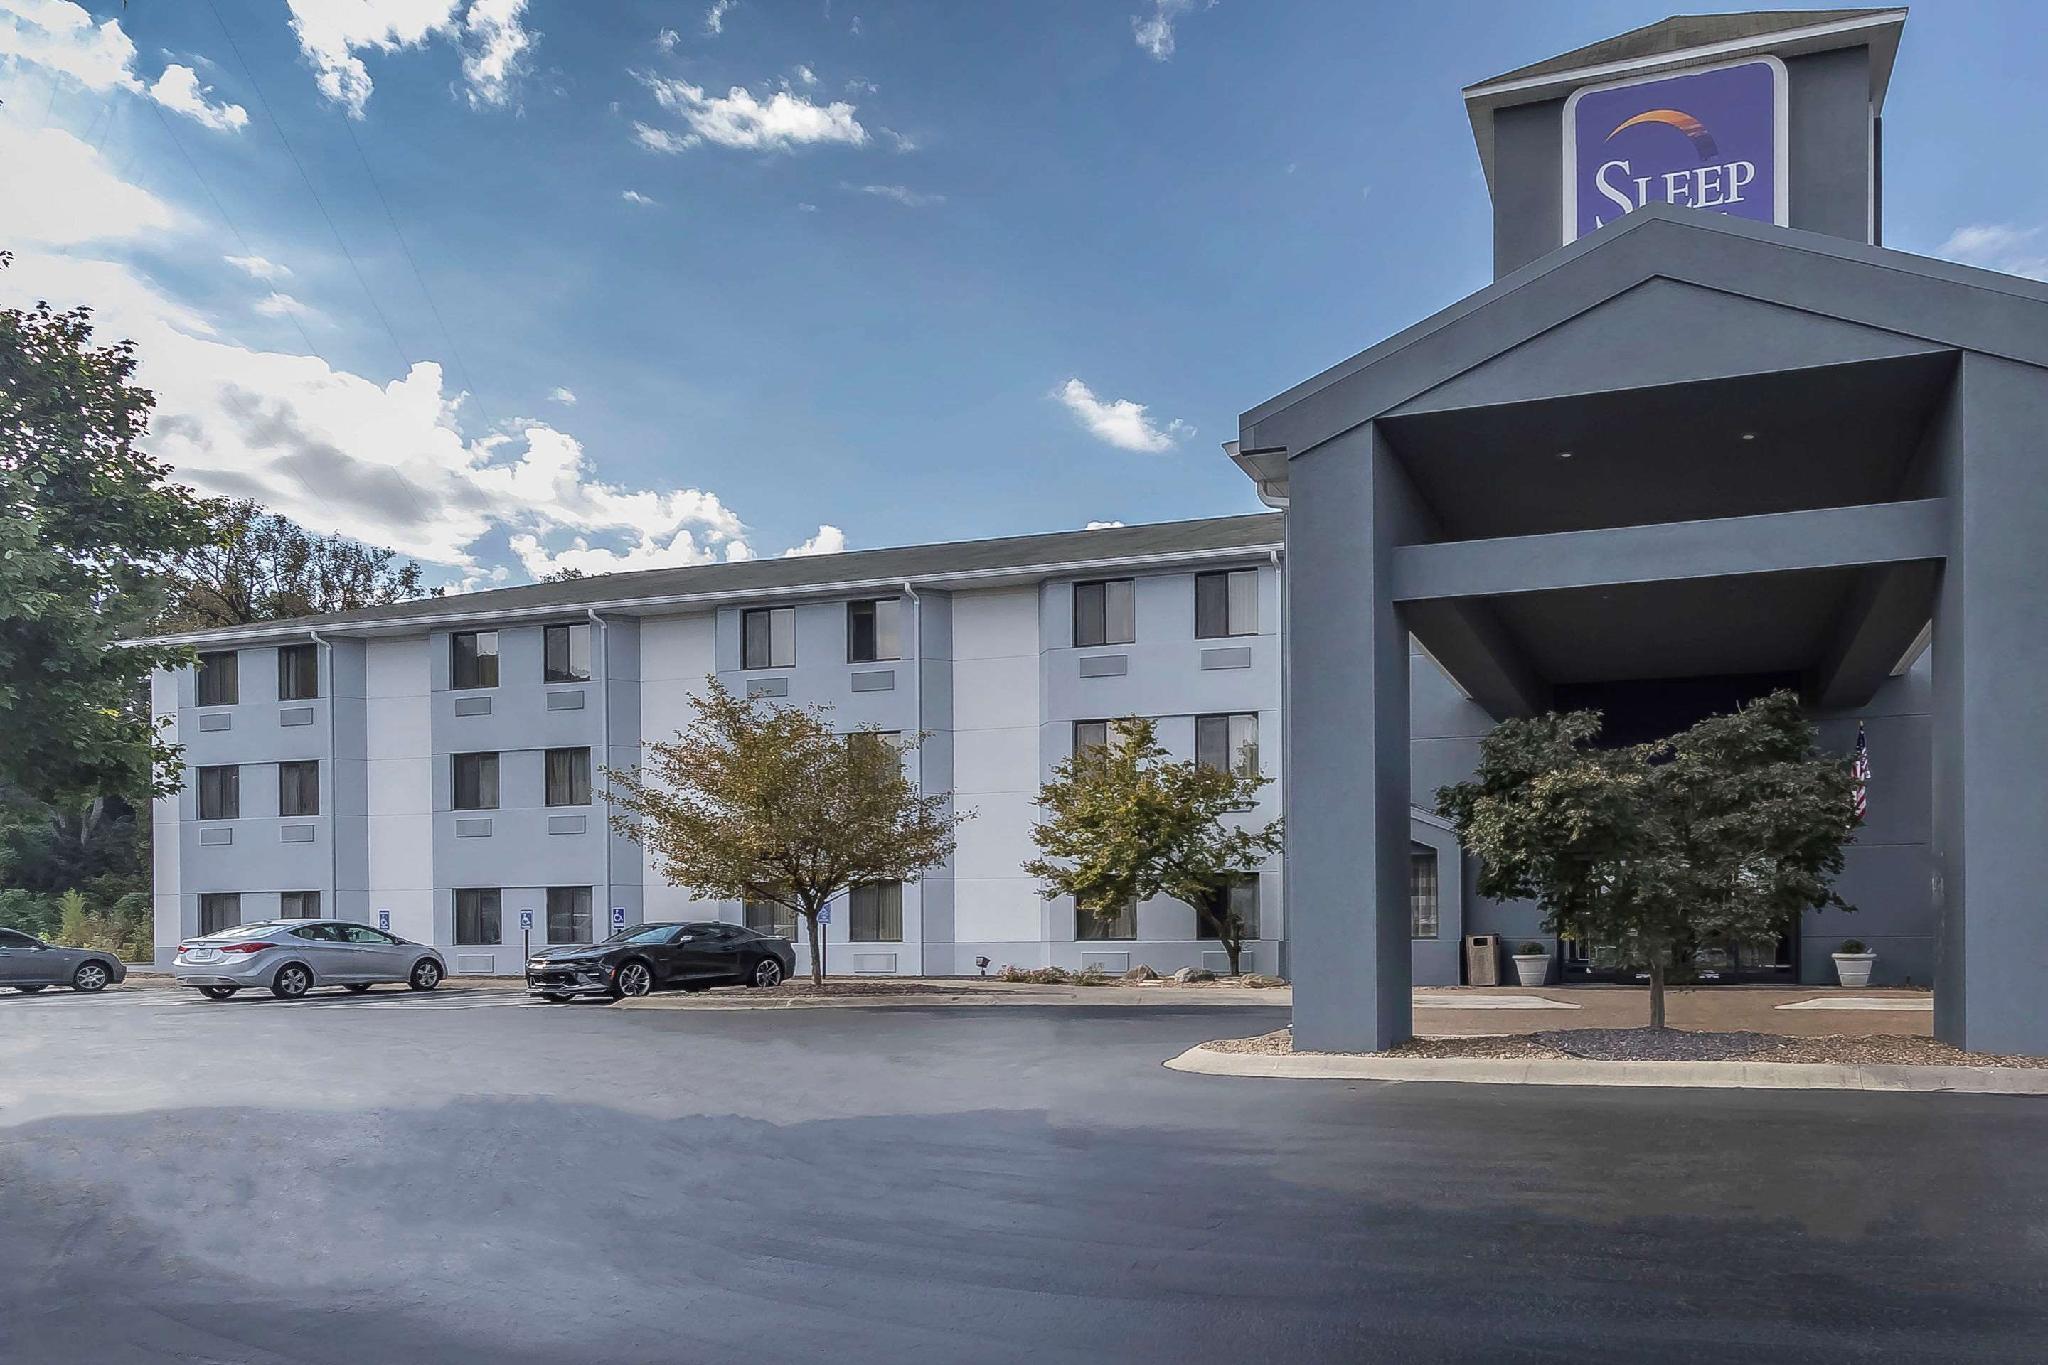 Sleep Inn Henderson Evansville South